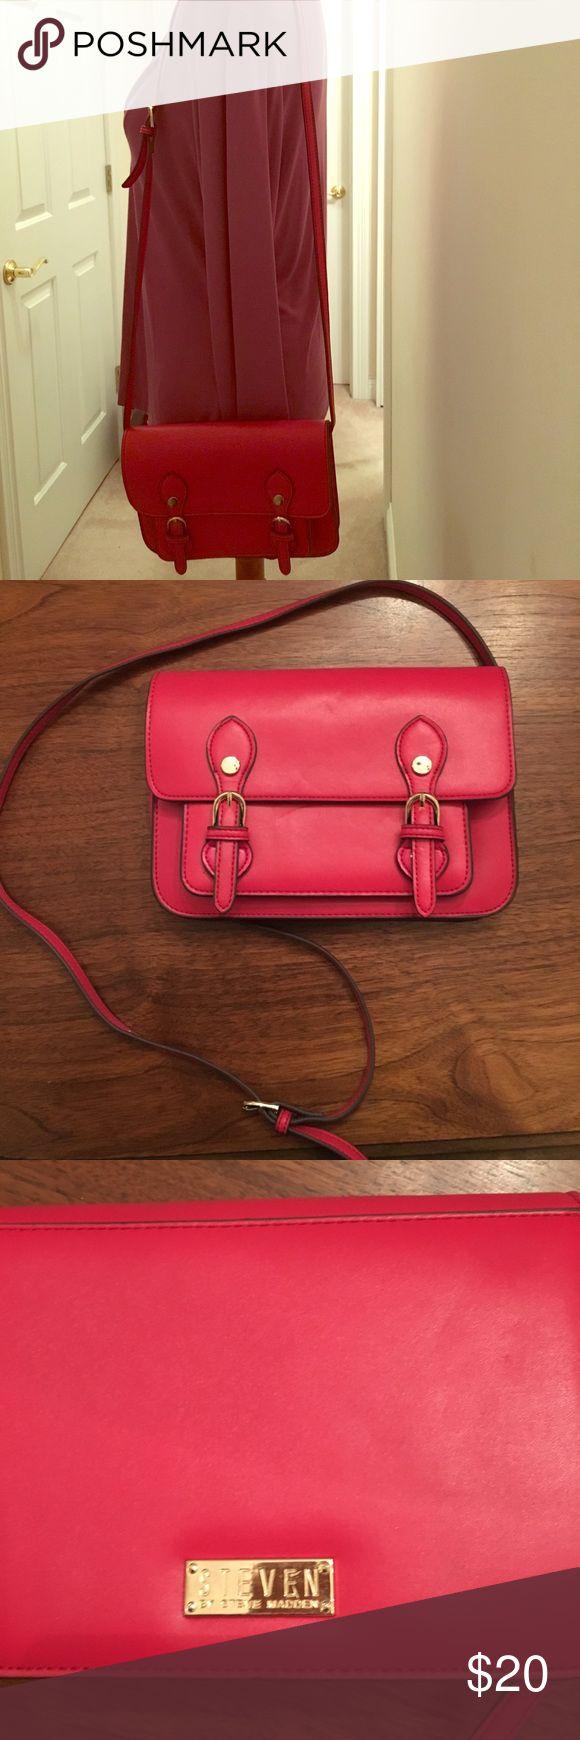 Steve Madden purse - pink leather Steve Madden purse - pink leather. Very clean (see photos) Steven by Steve Madden Bags